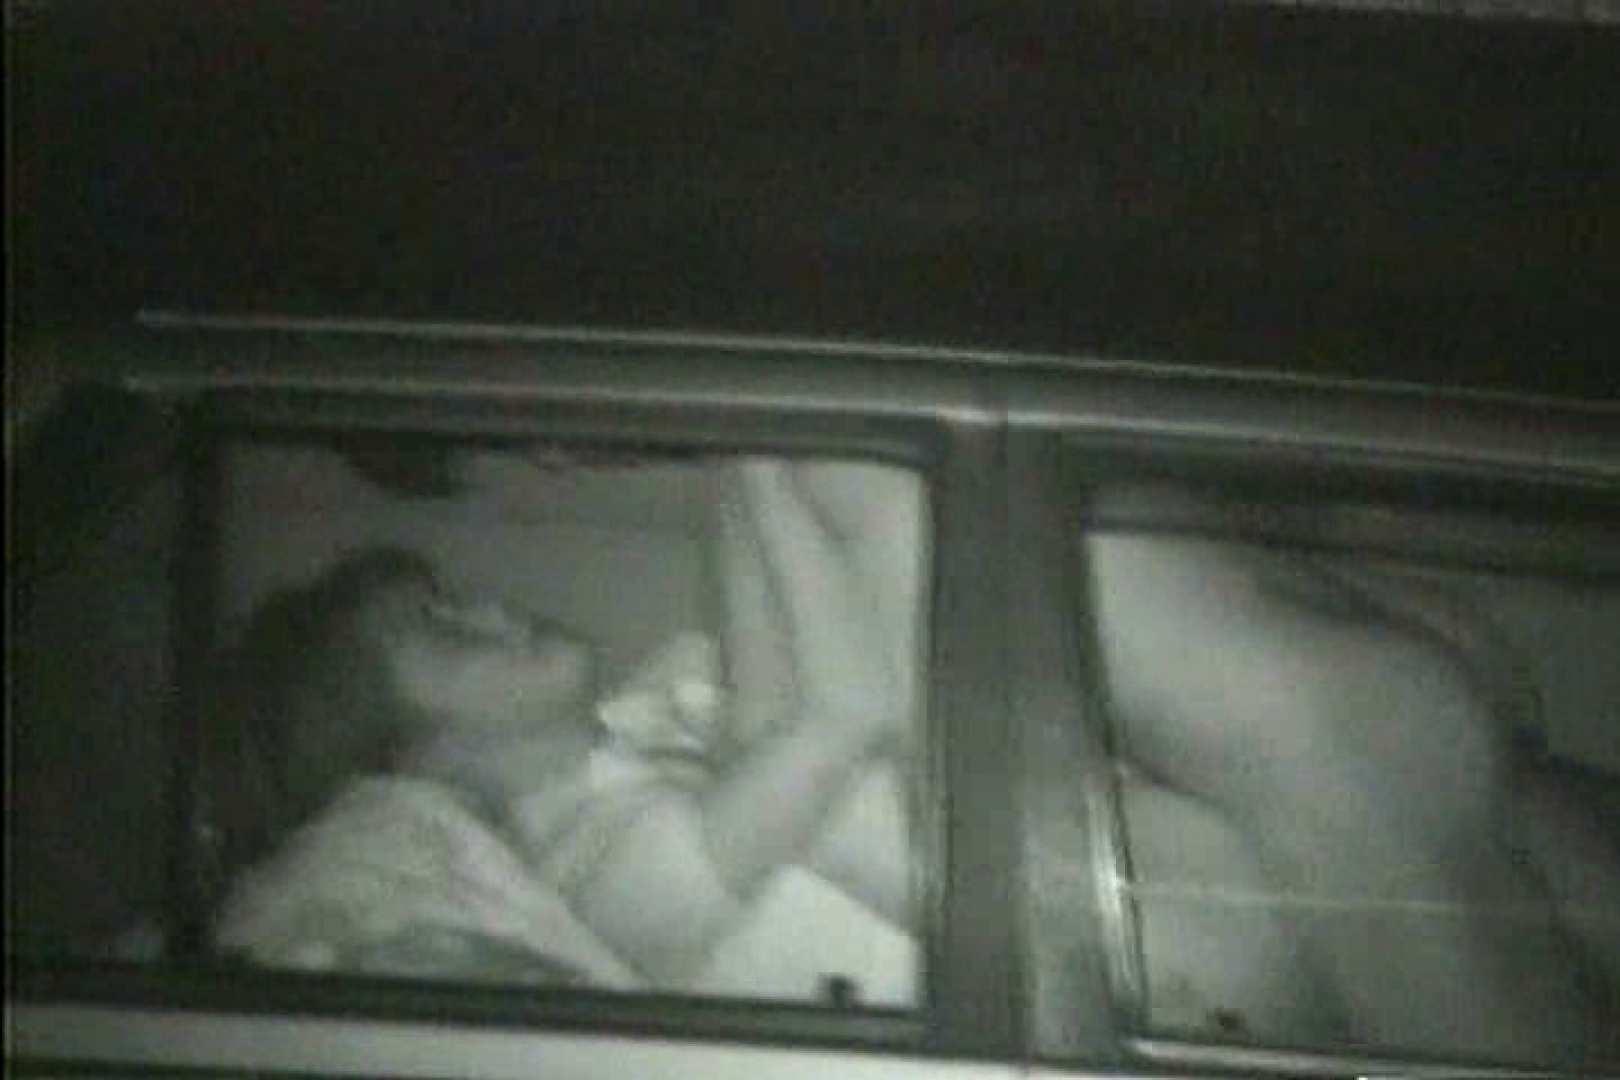 車の中はラブホテル 無修正版  Vol.10 車 おめこ無修正画像 22連発 4